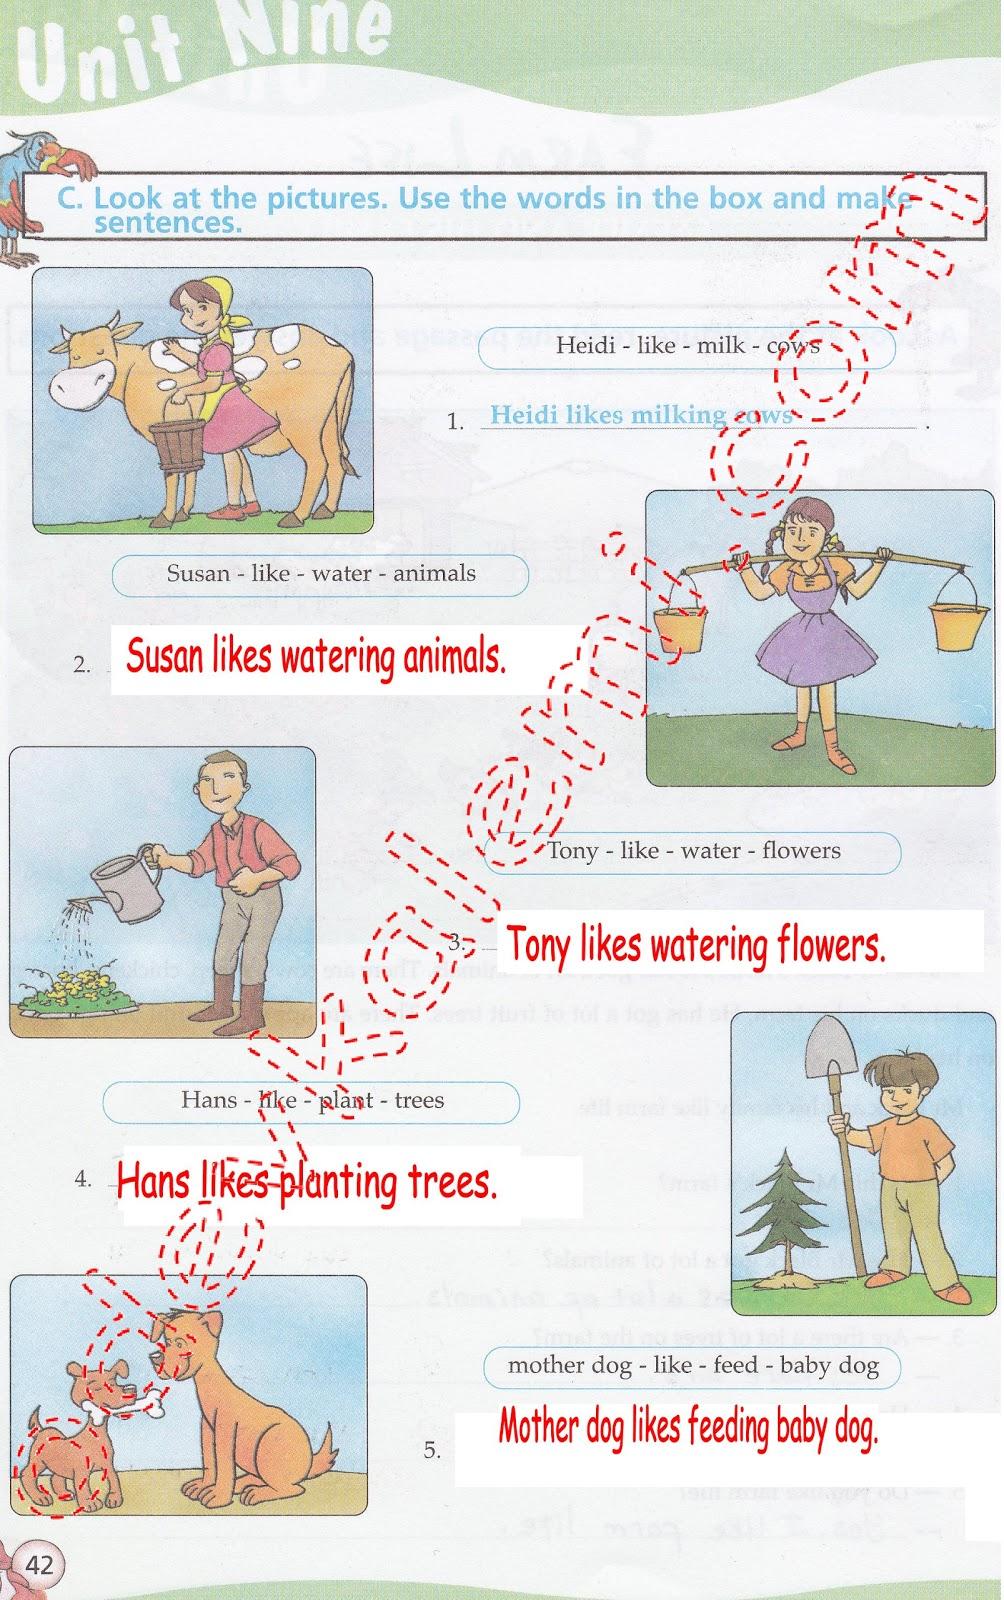 Sinif ingilizce çalışma kitabı cevapları sayfa 42 pasifik